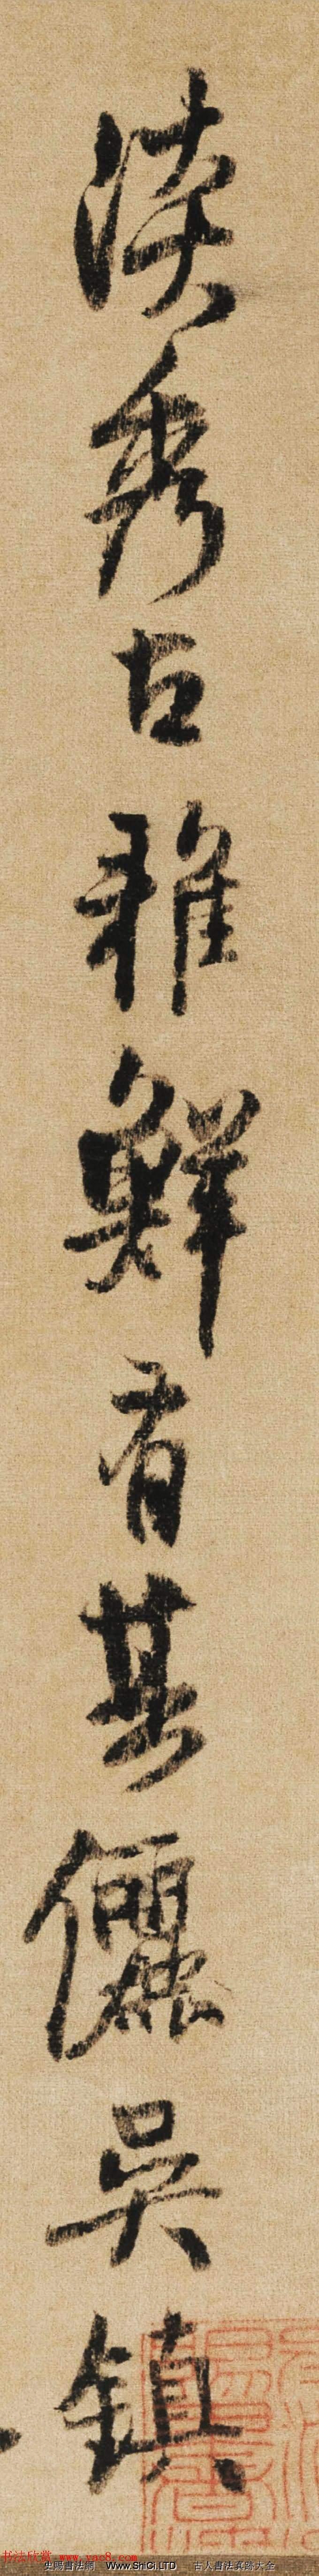 王鐸55歲行書題吳鎮漁父圖軸